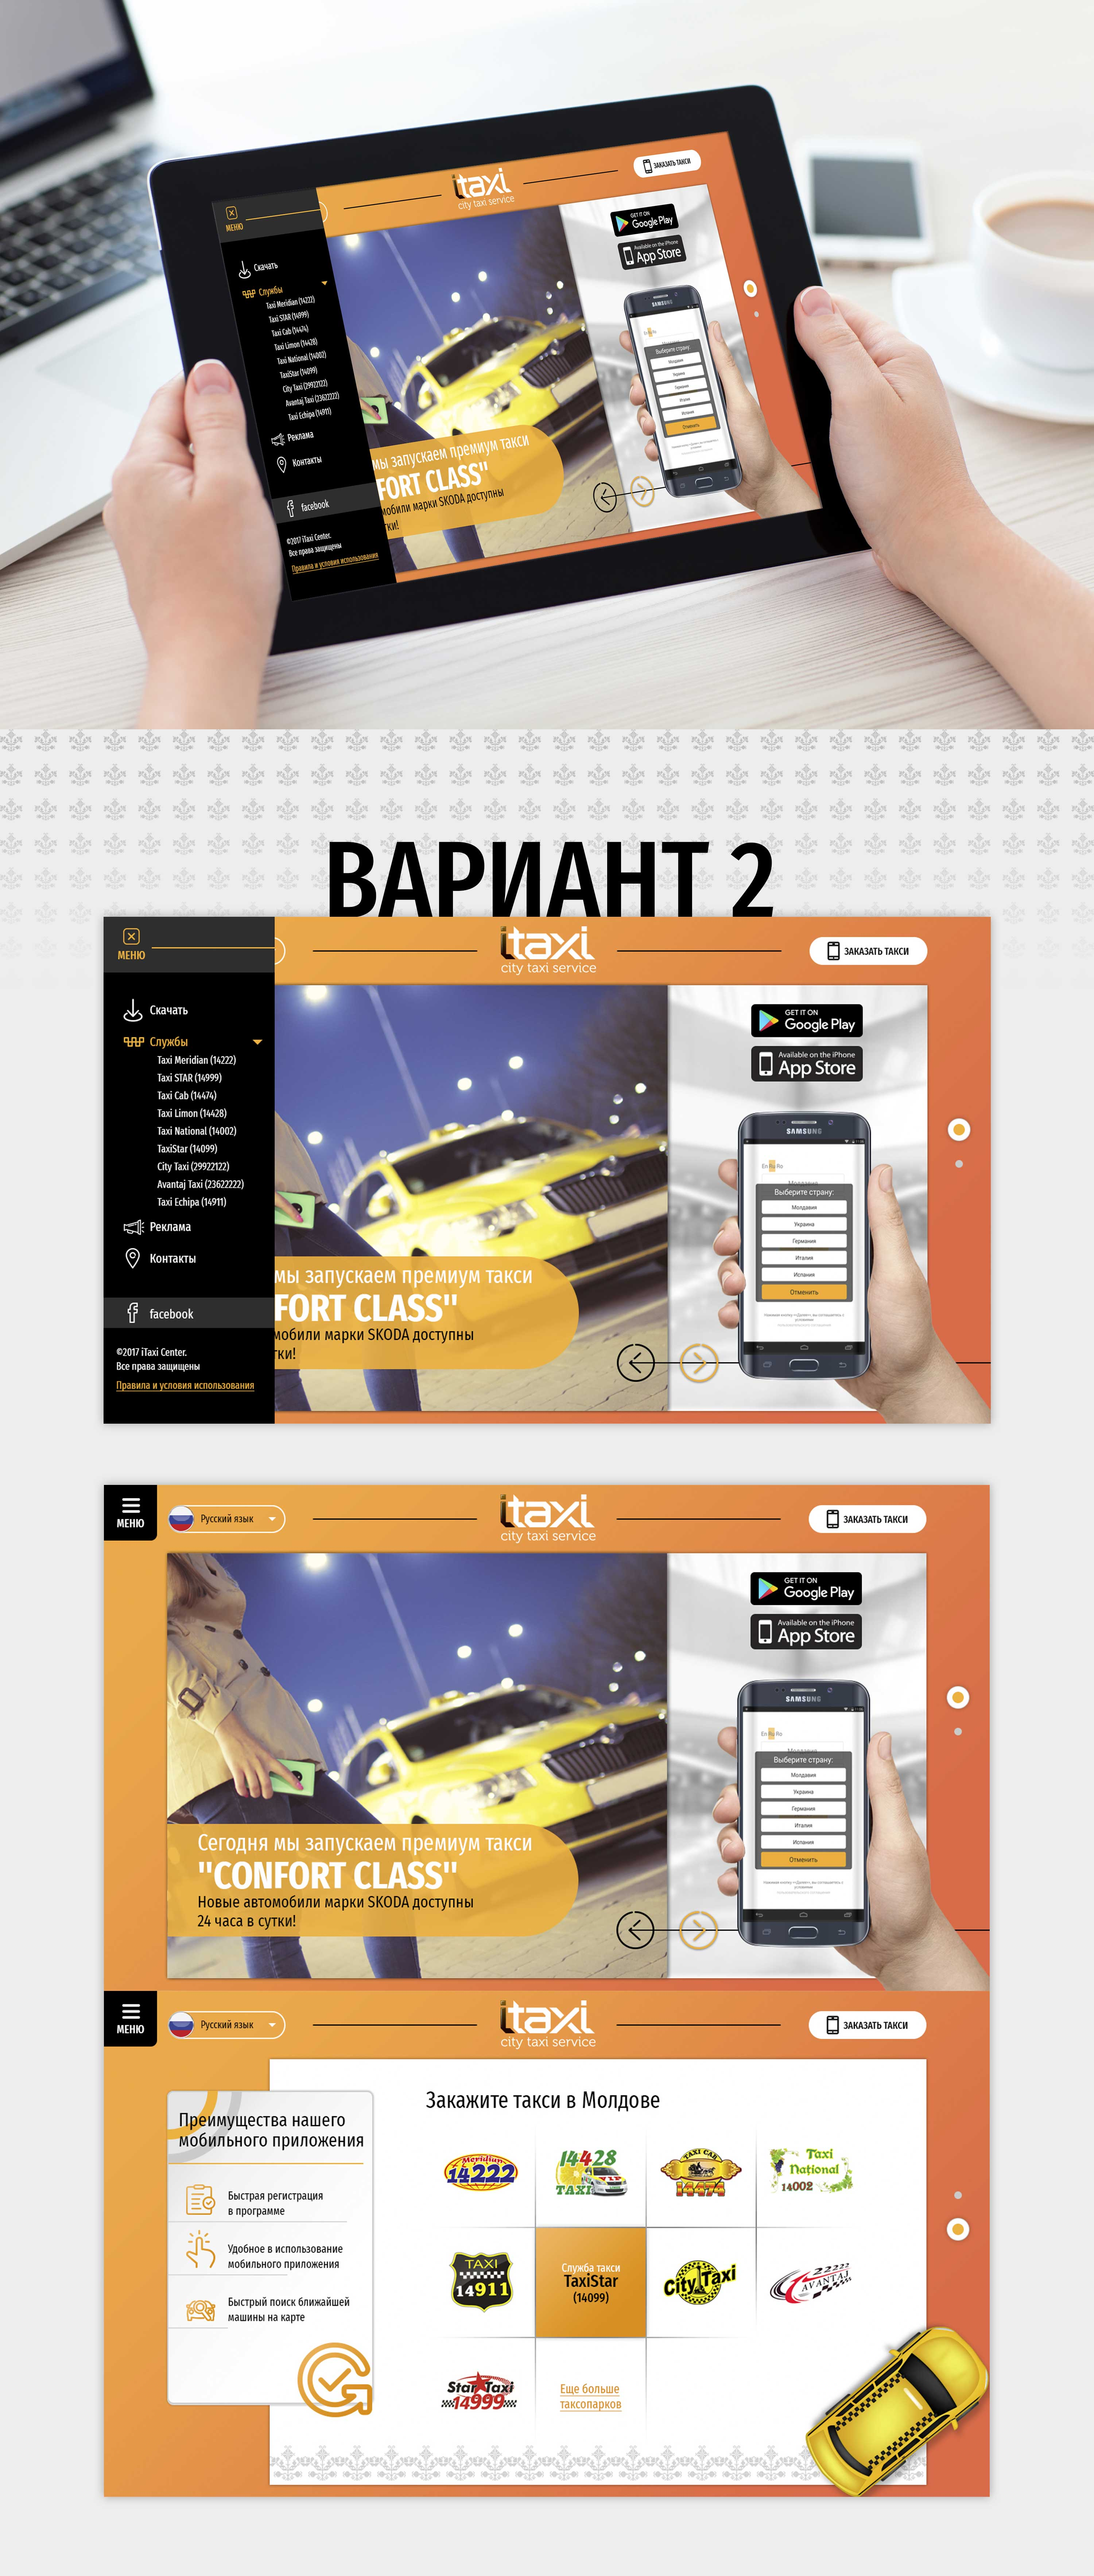 Редизайн сайта www.itaxi.md фото f_2355999d3bd38c60.jpg